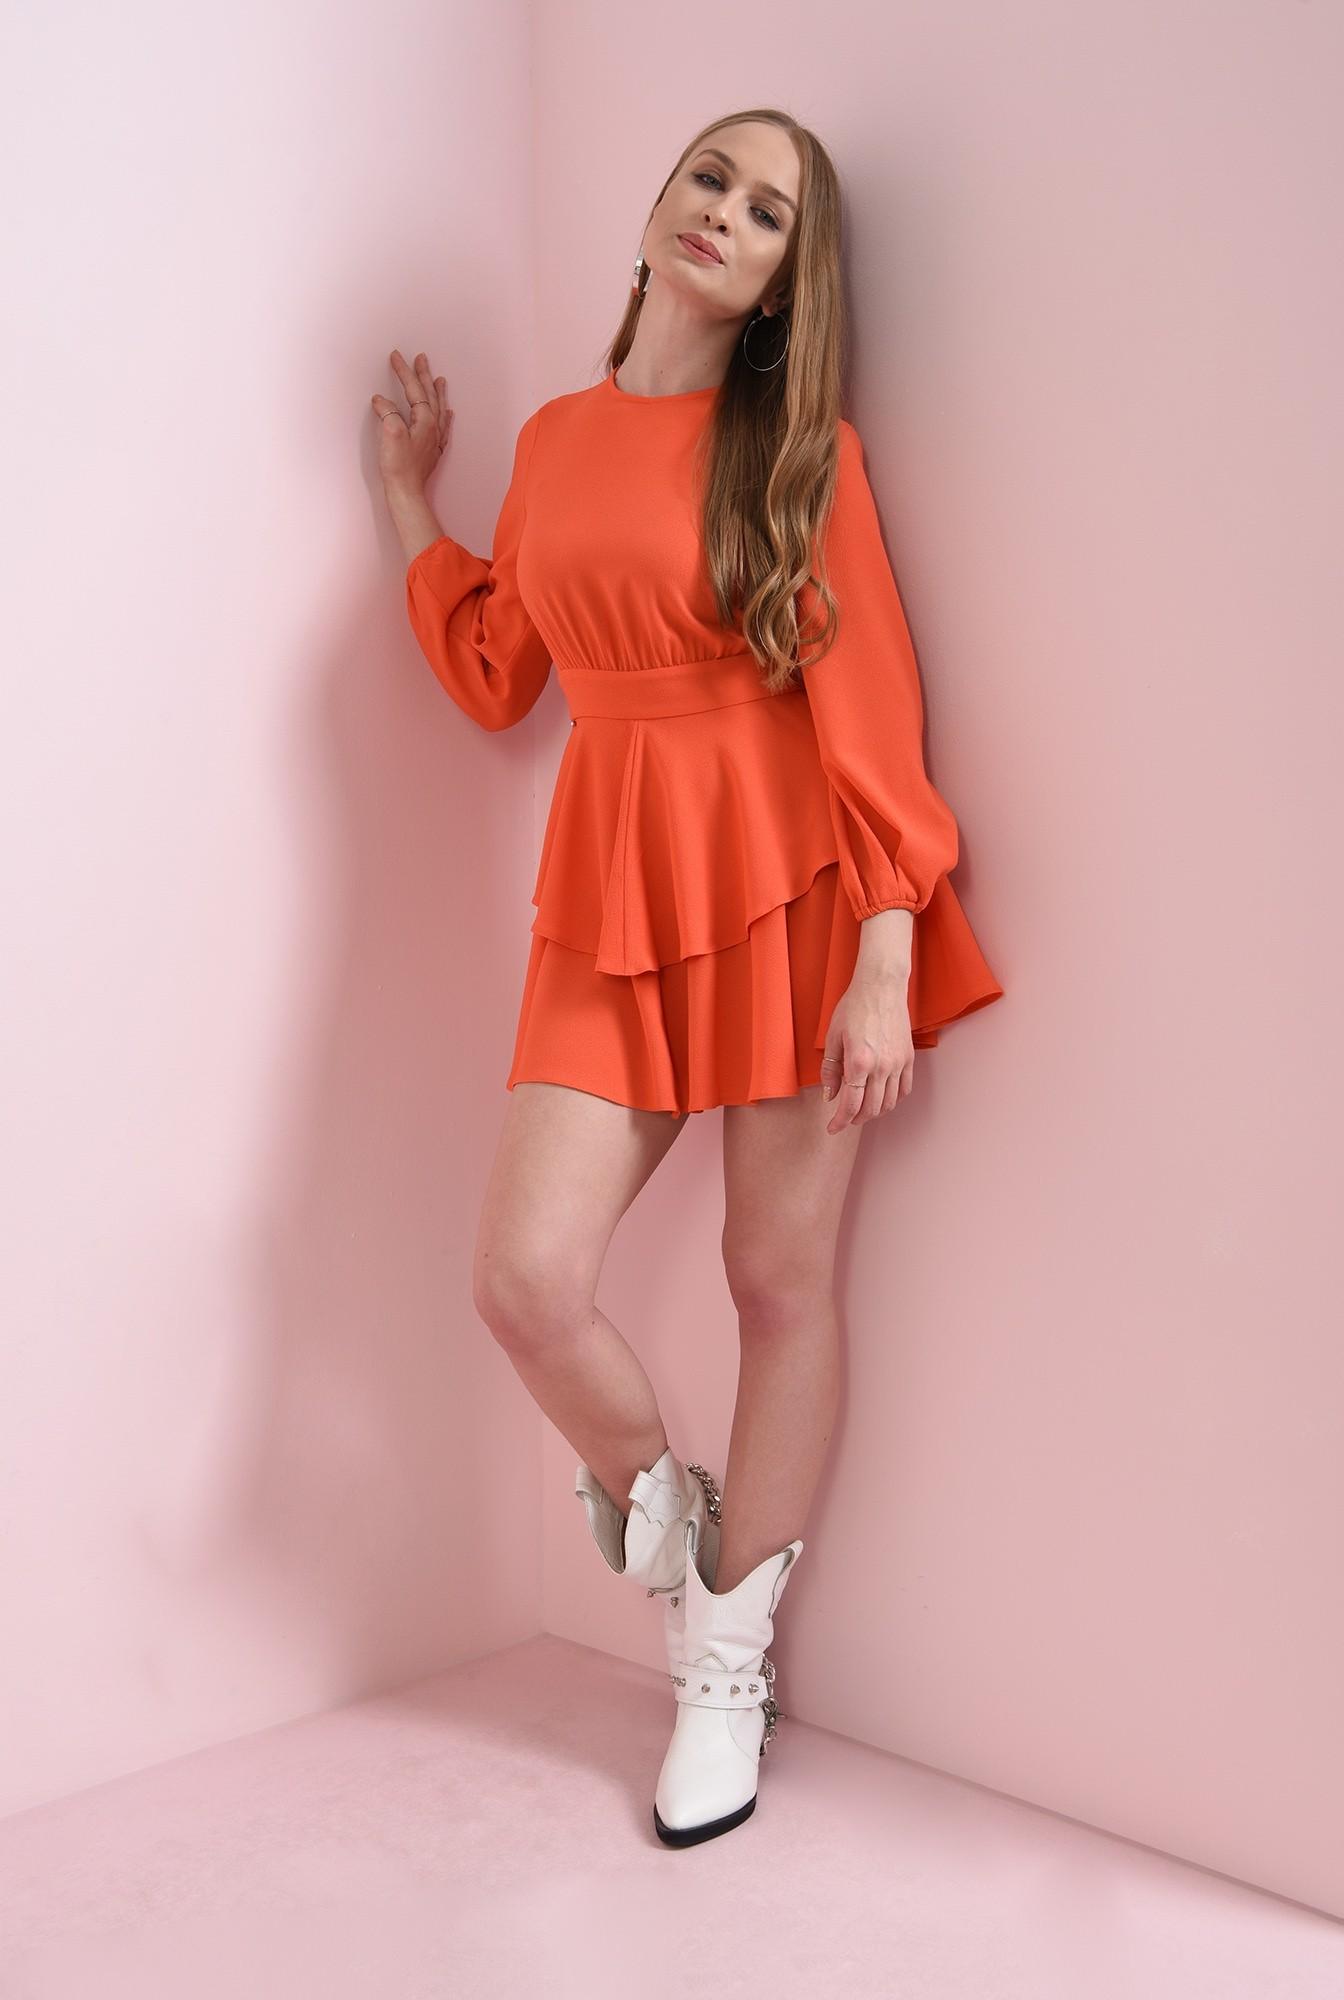 0 - rochie scurta, orange, cu volane